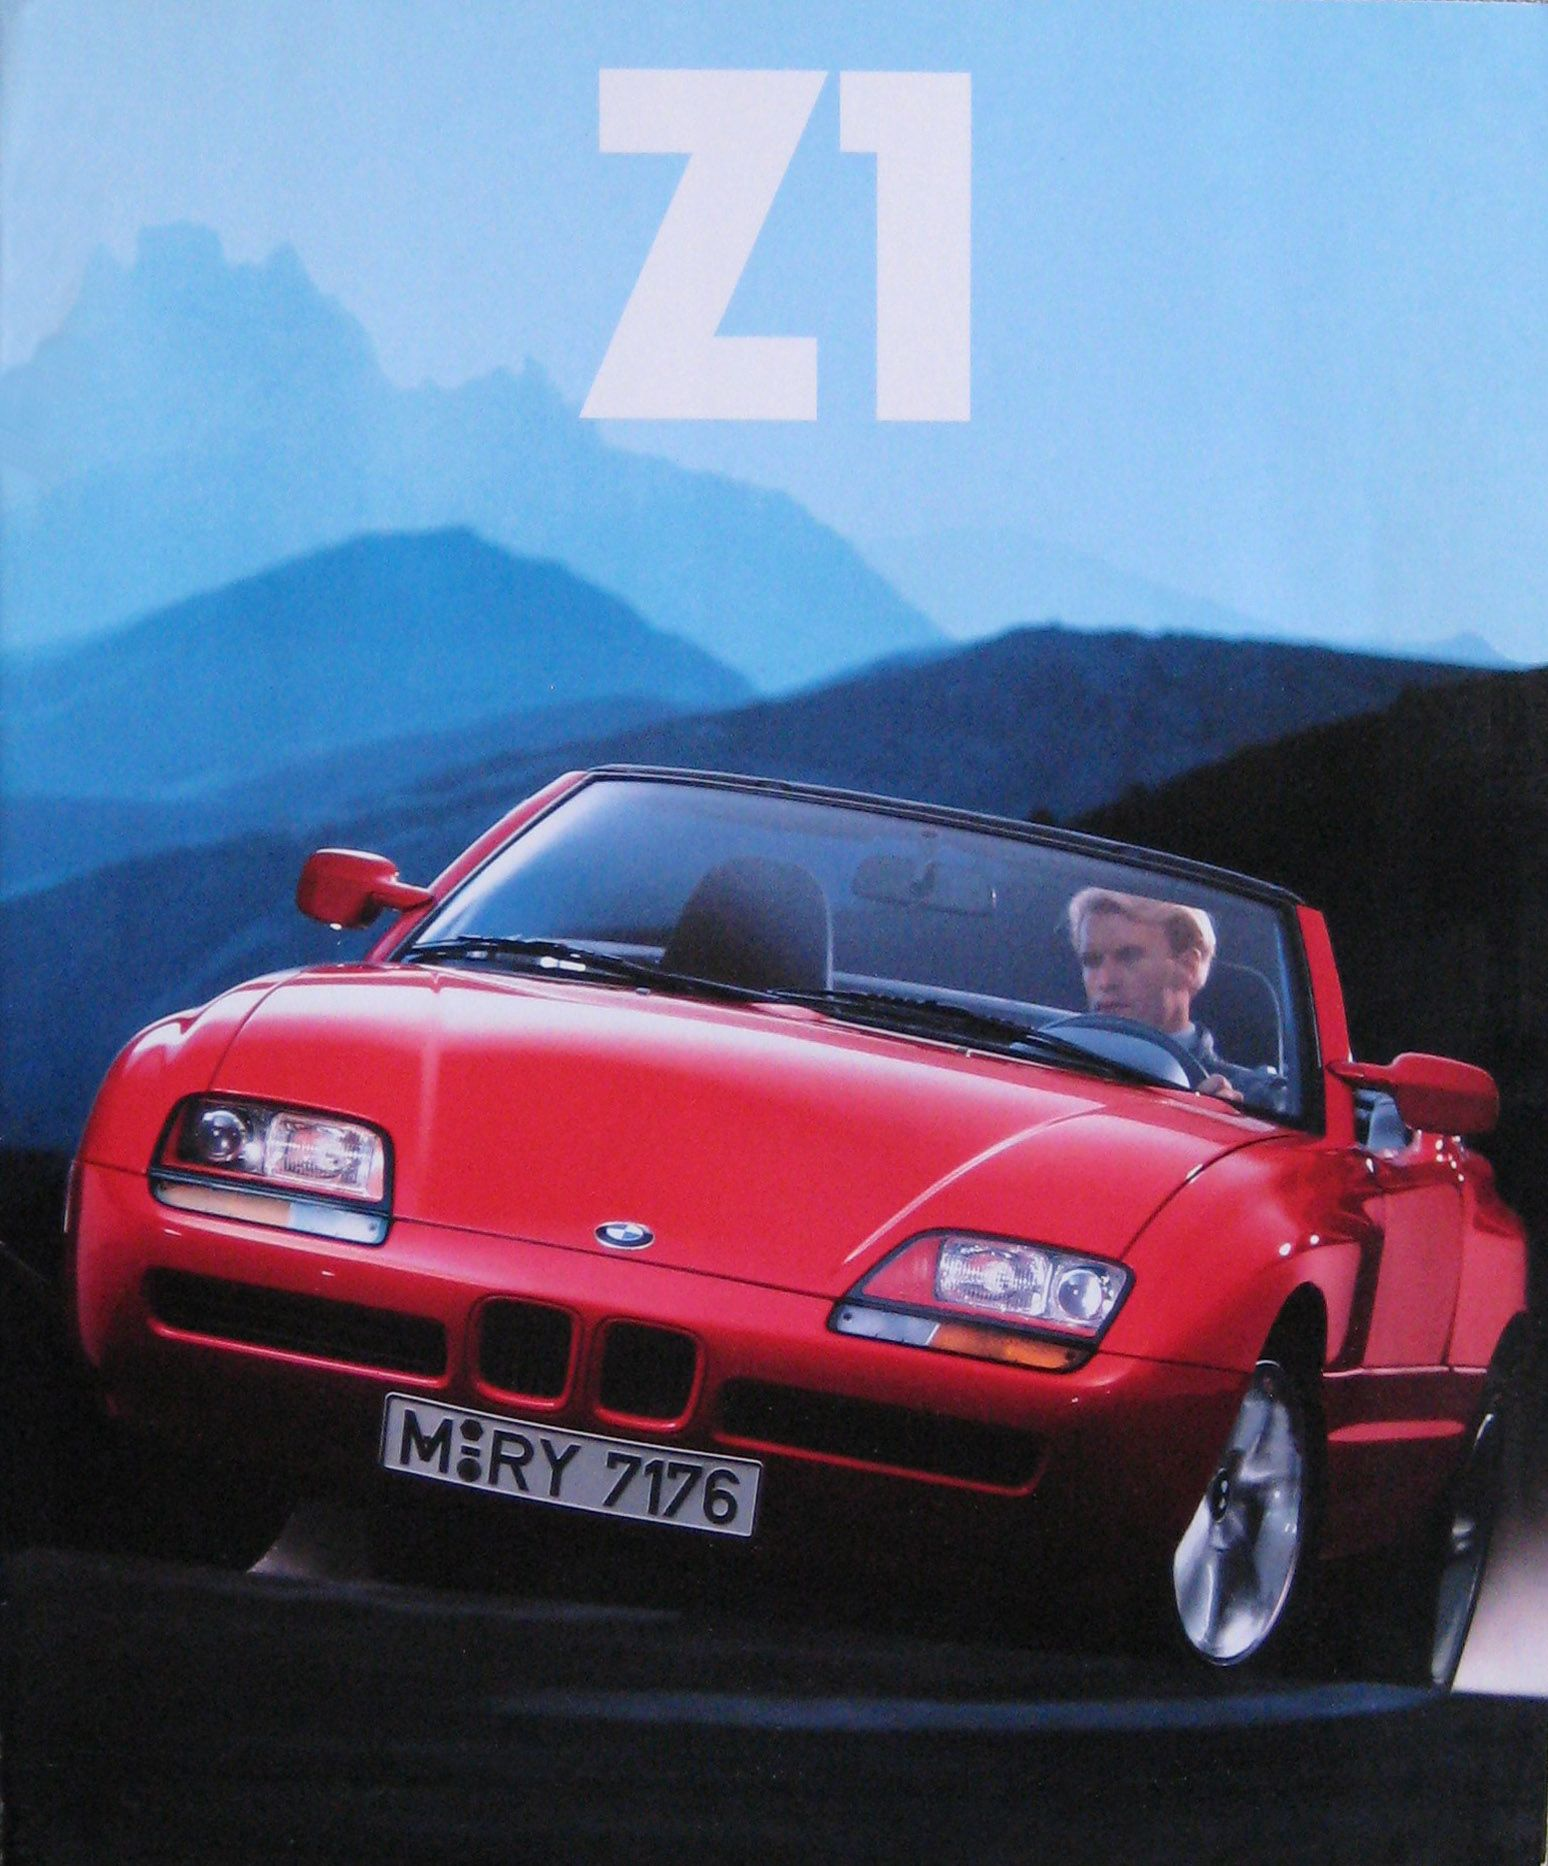 Bmw Z1 For Sale: BMW, Bmw Z1, Bmw Cars